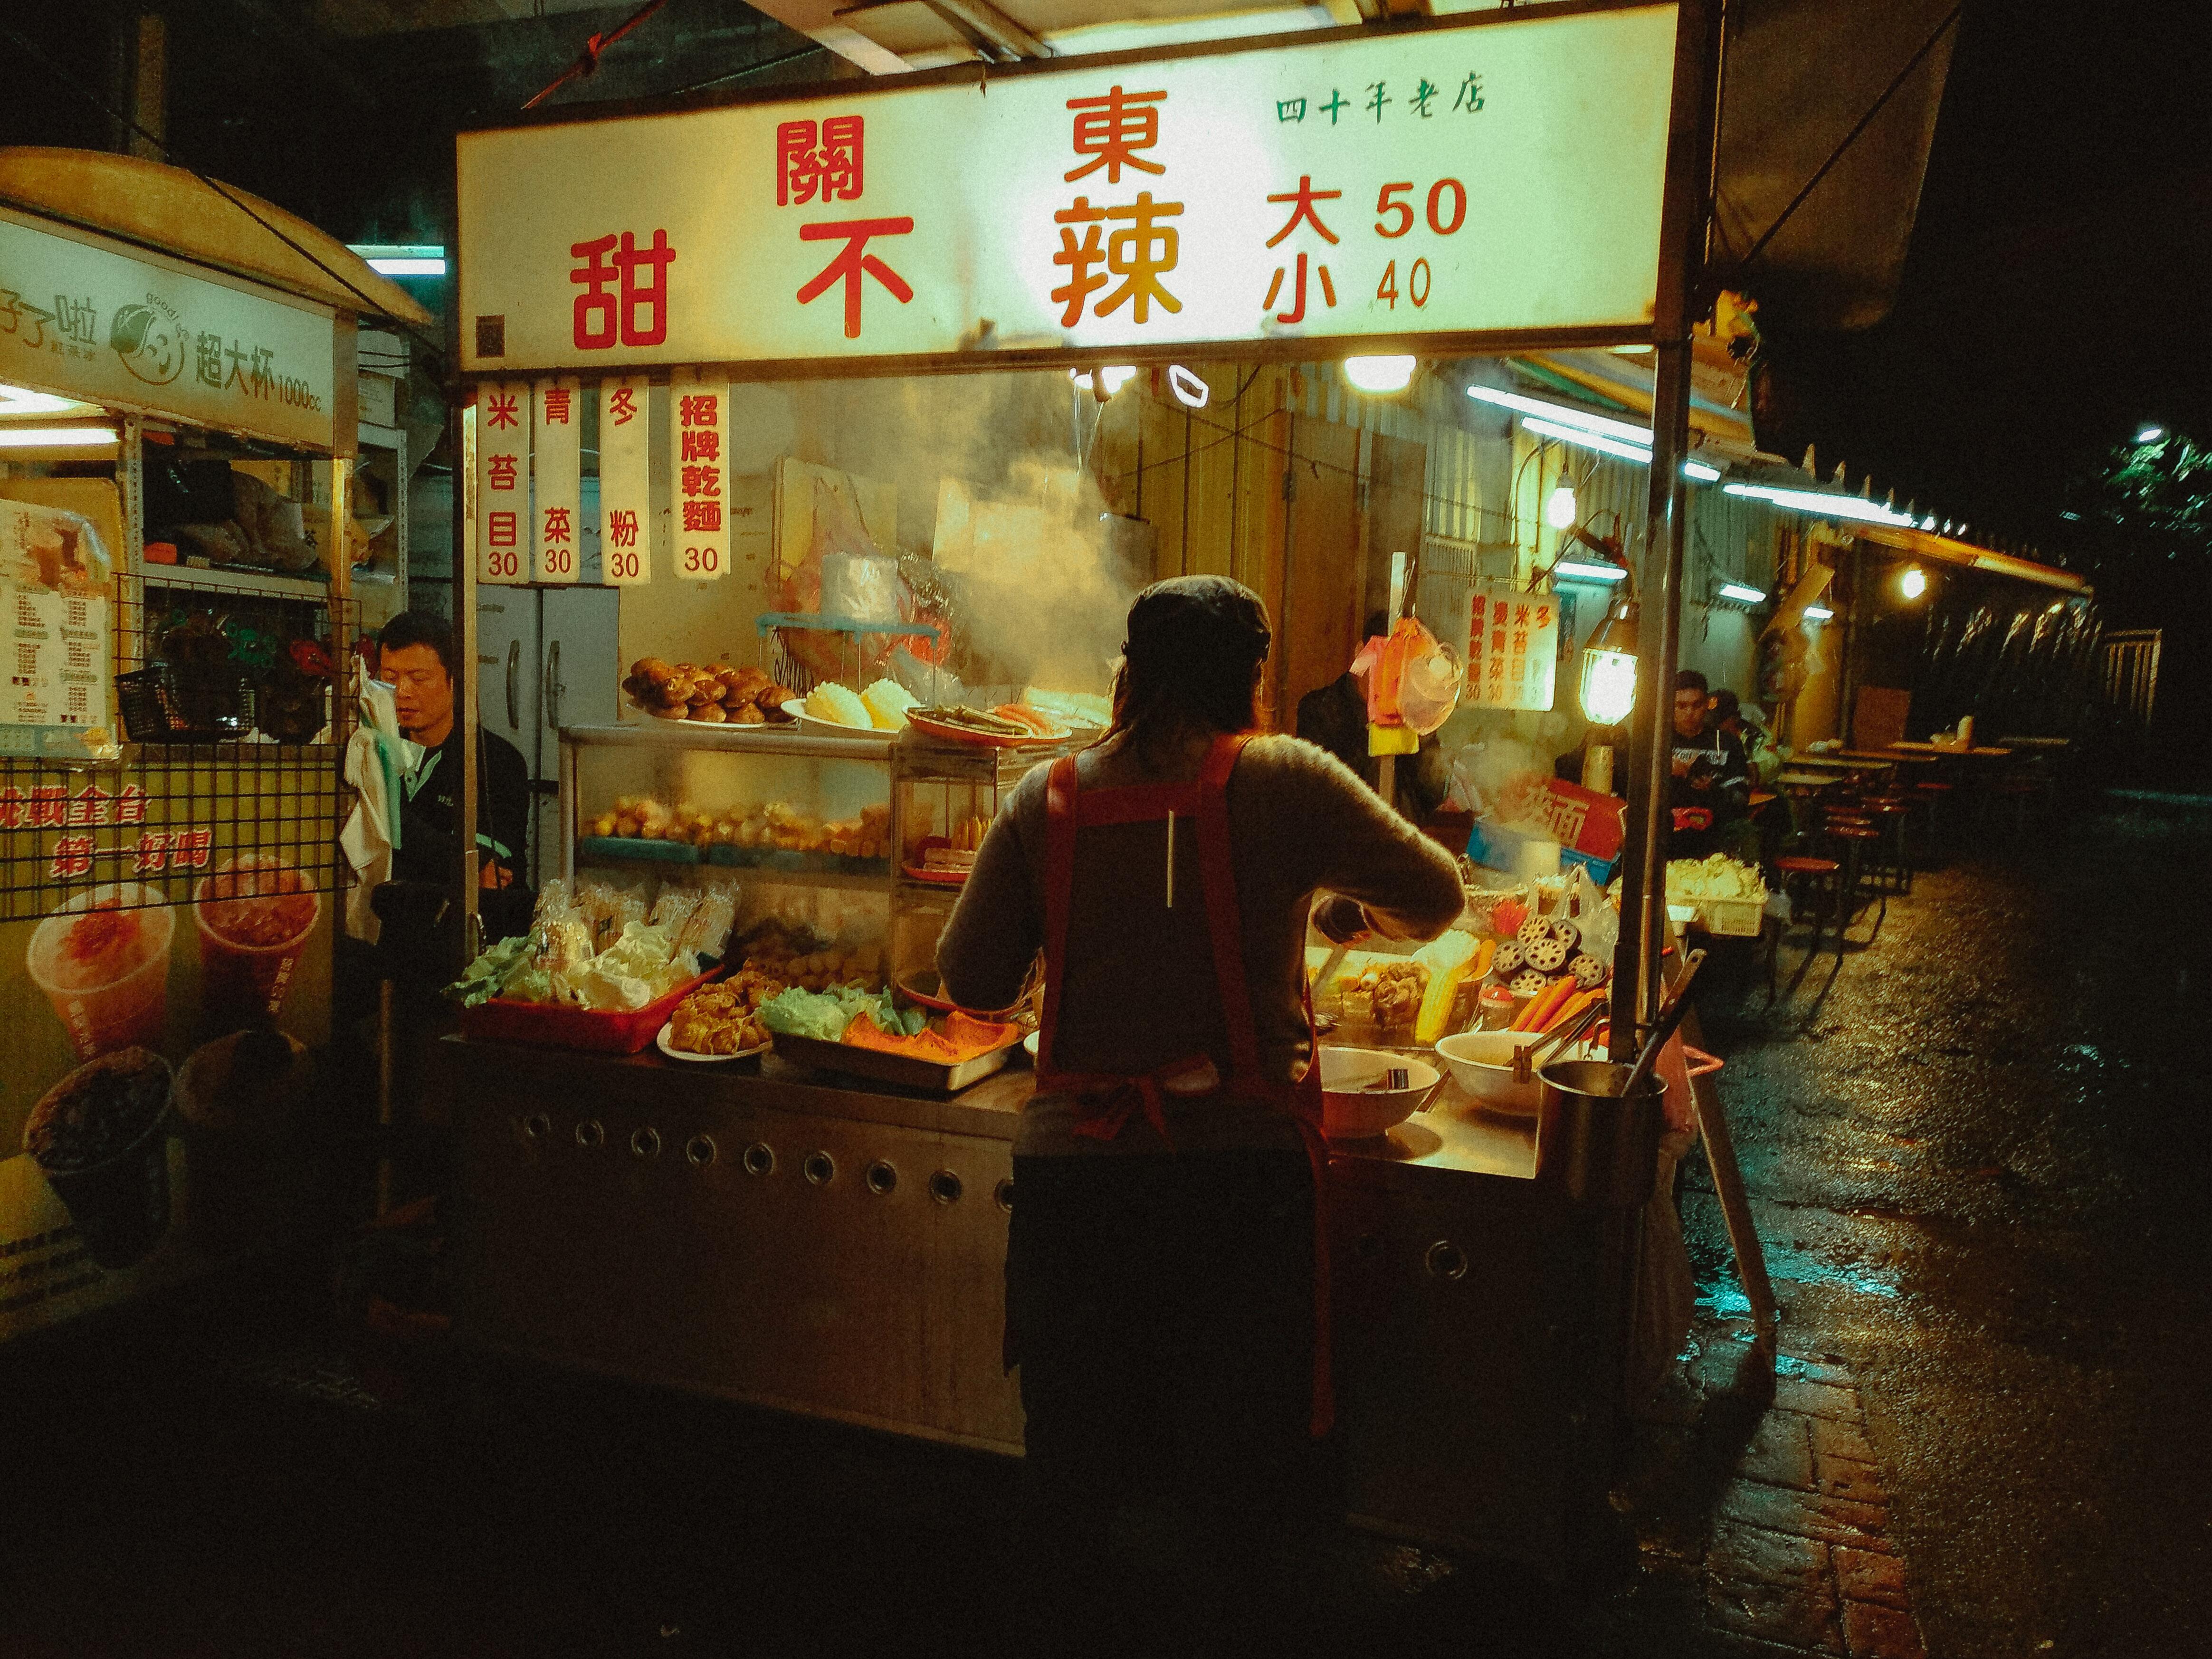 Đi Đài Loan ngay và luôn thôi, vì ở đây đẹp lắm! - Ảnh 19.